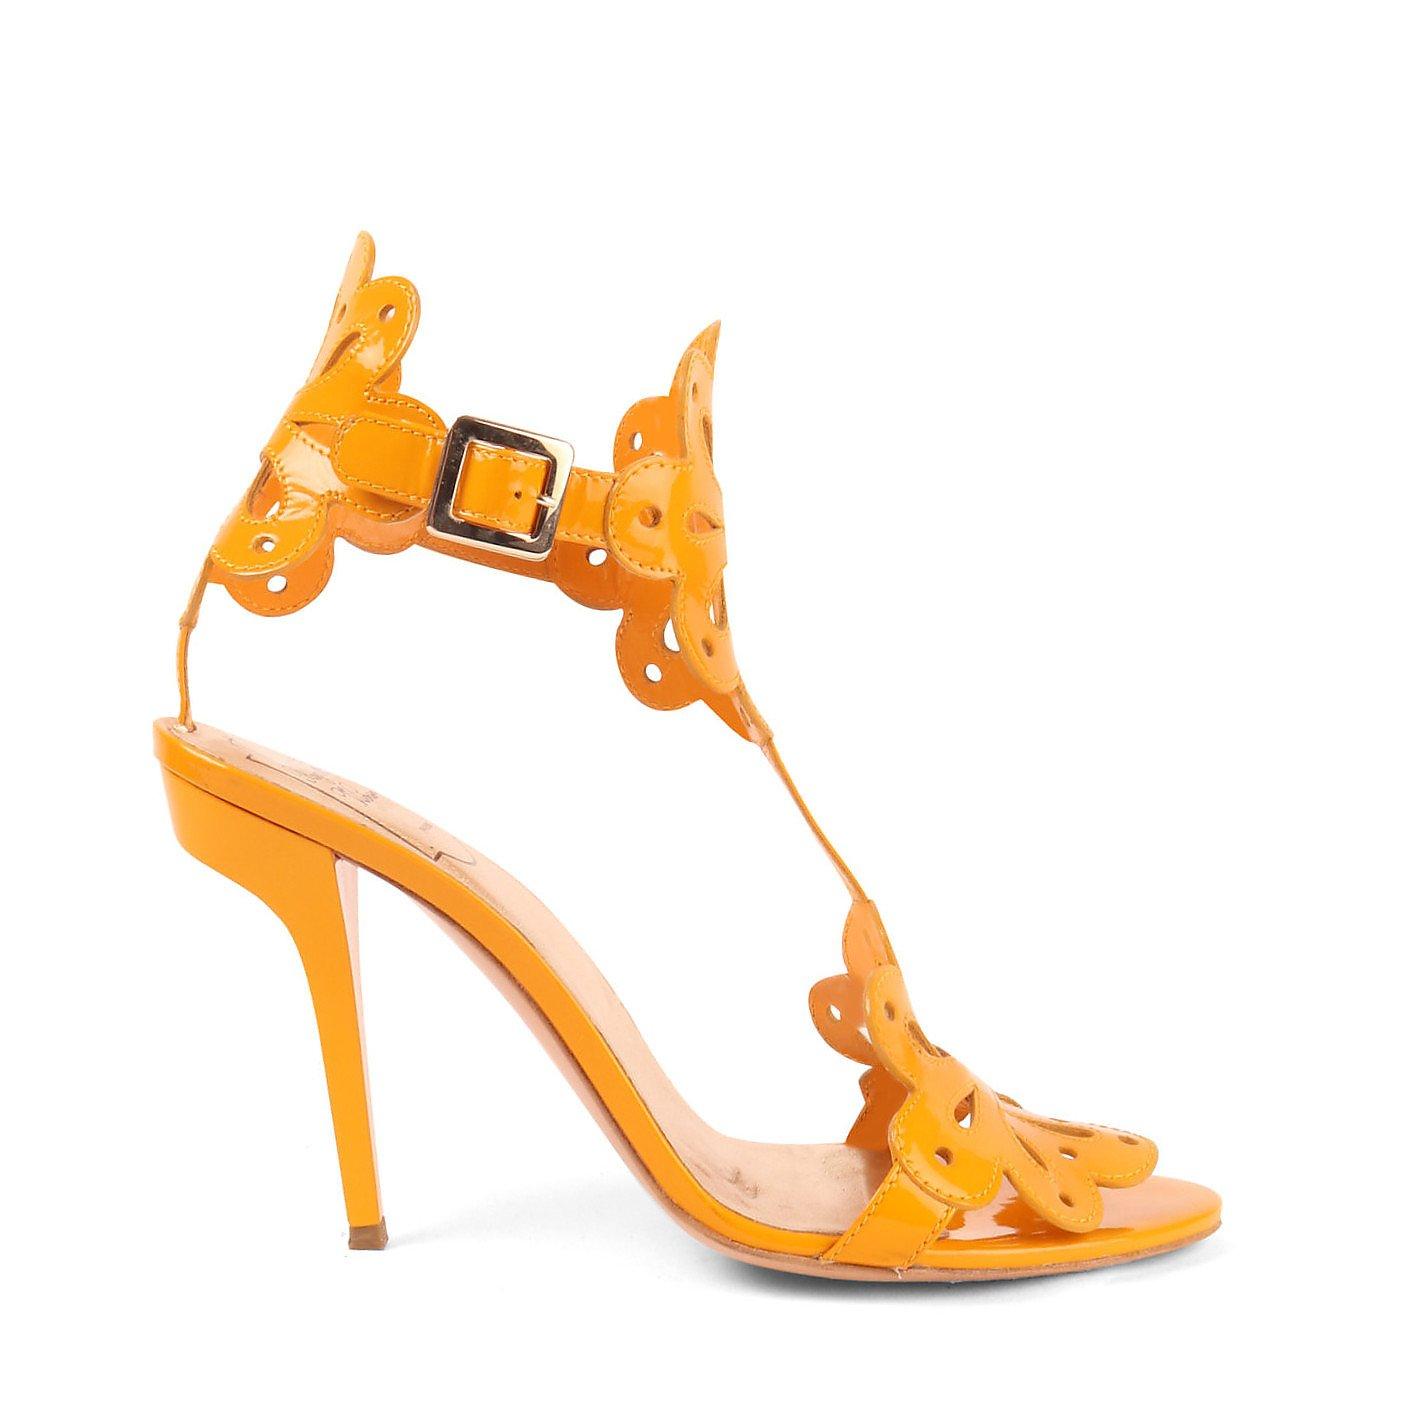 Roger Vivier Laser Cut Patent Sandals